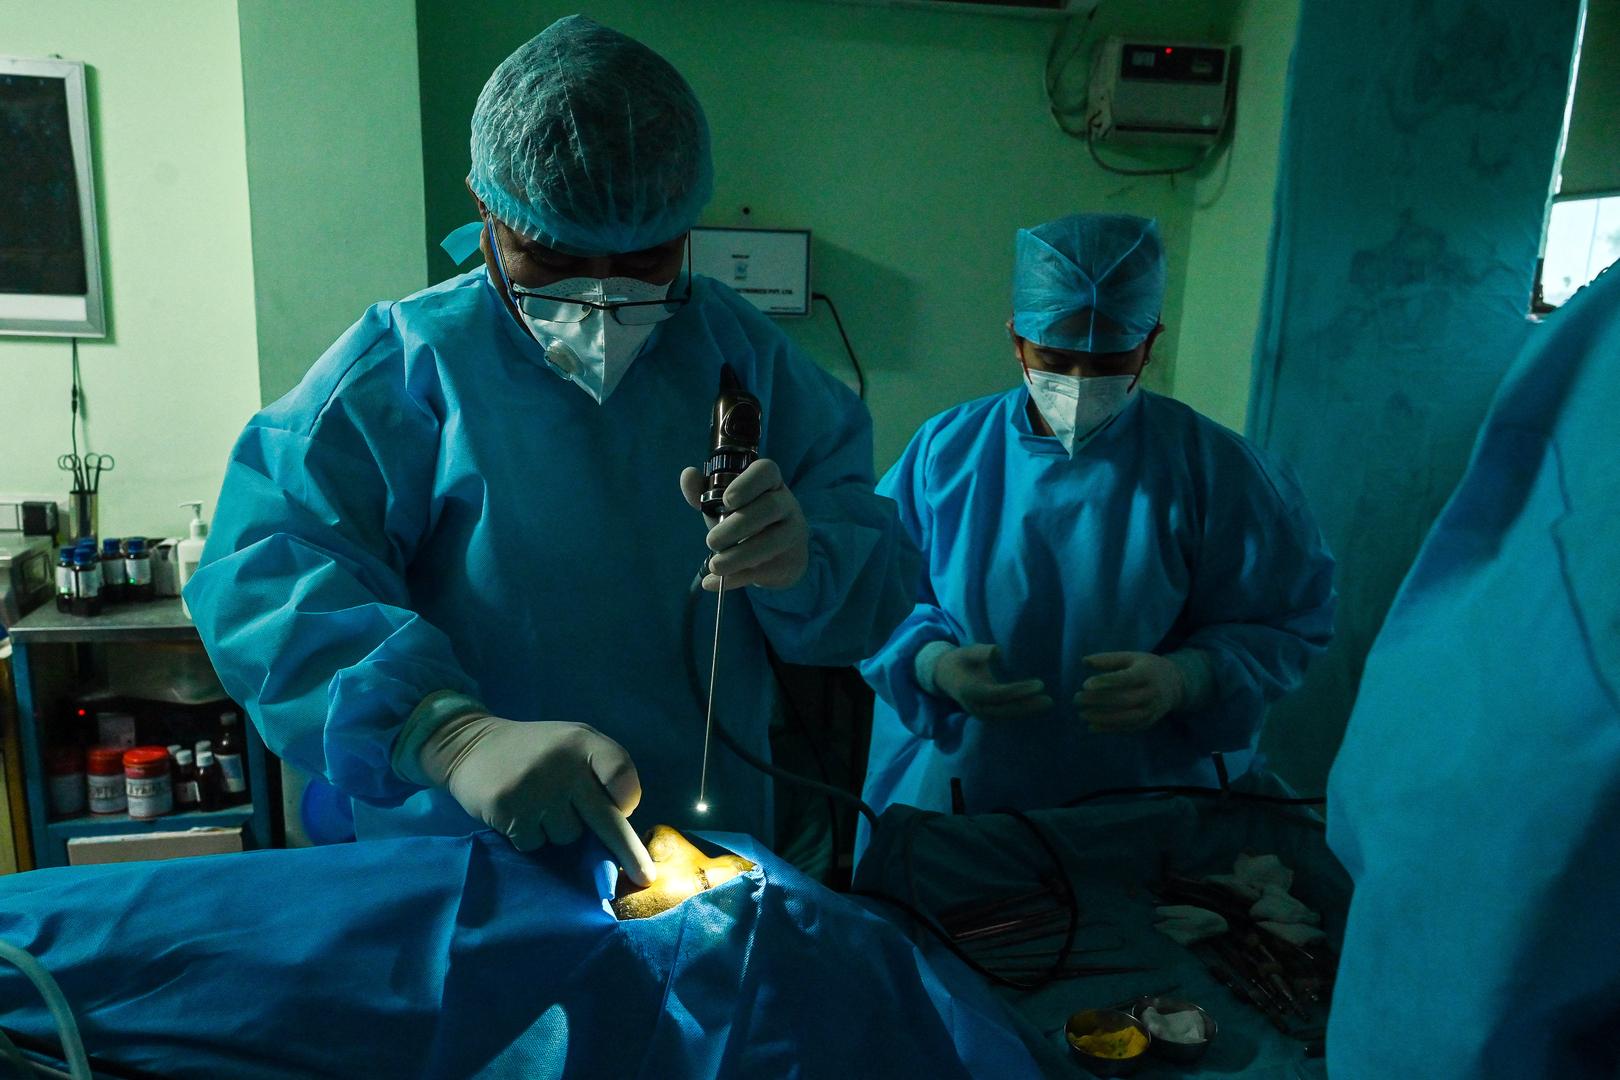 الهند تسجل أكثر من 40 ألف إصابة بالفطر الأسود بينها 3129 وفاة